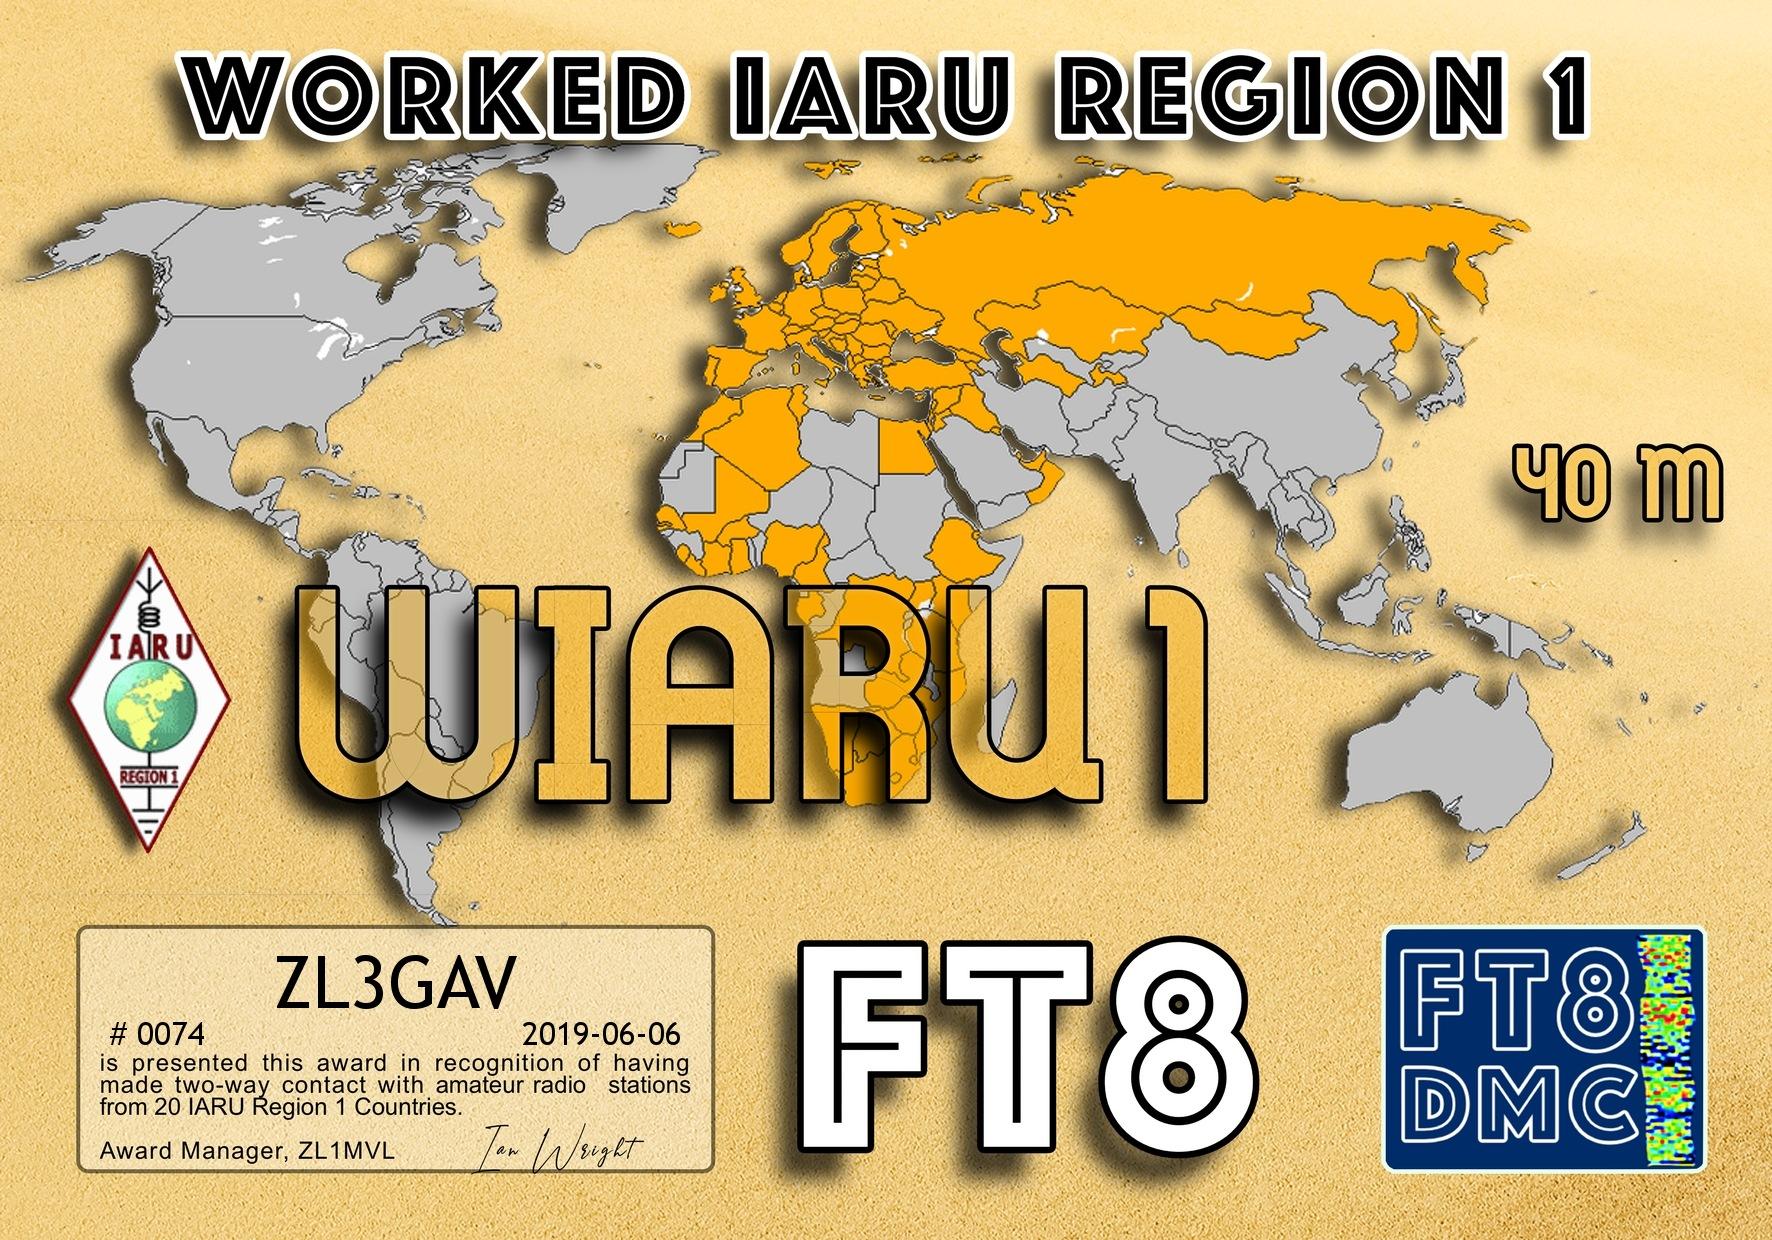 ZL3GAV-WIARU1-40M.jpg